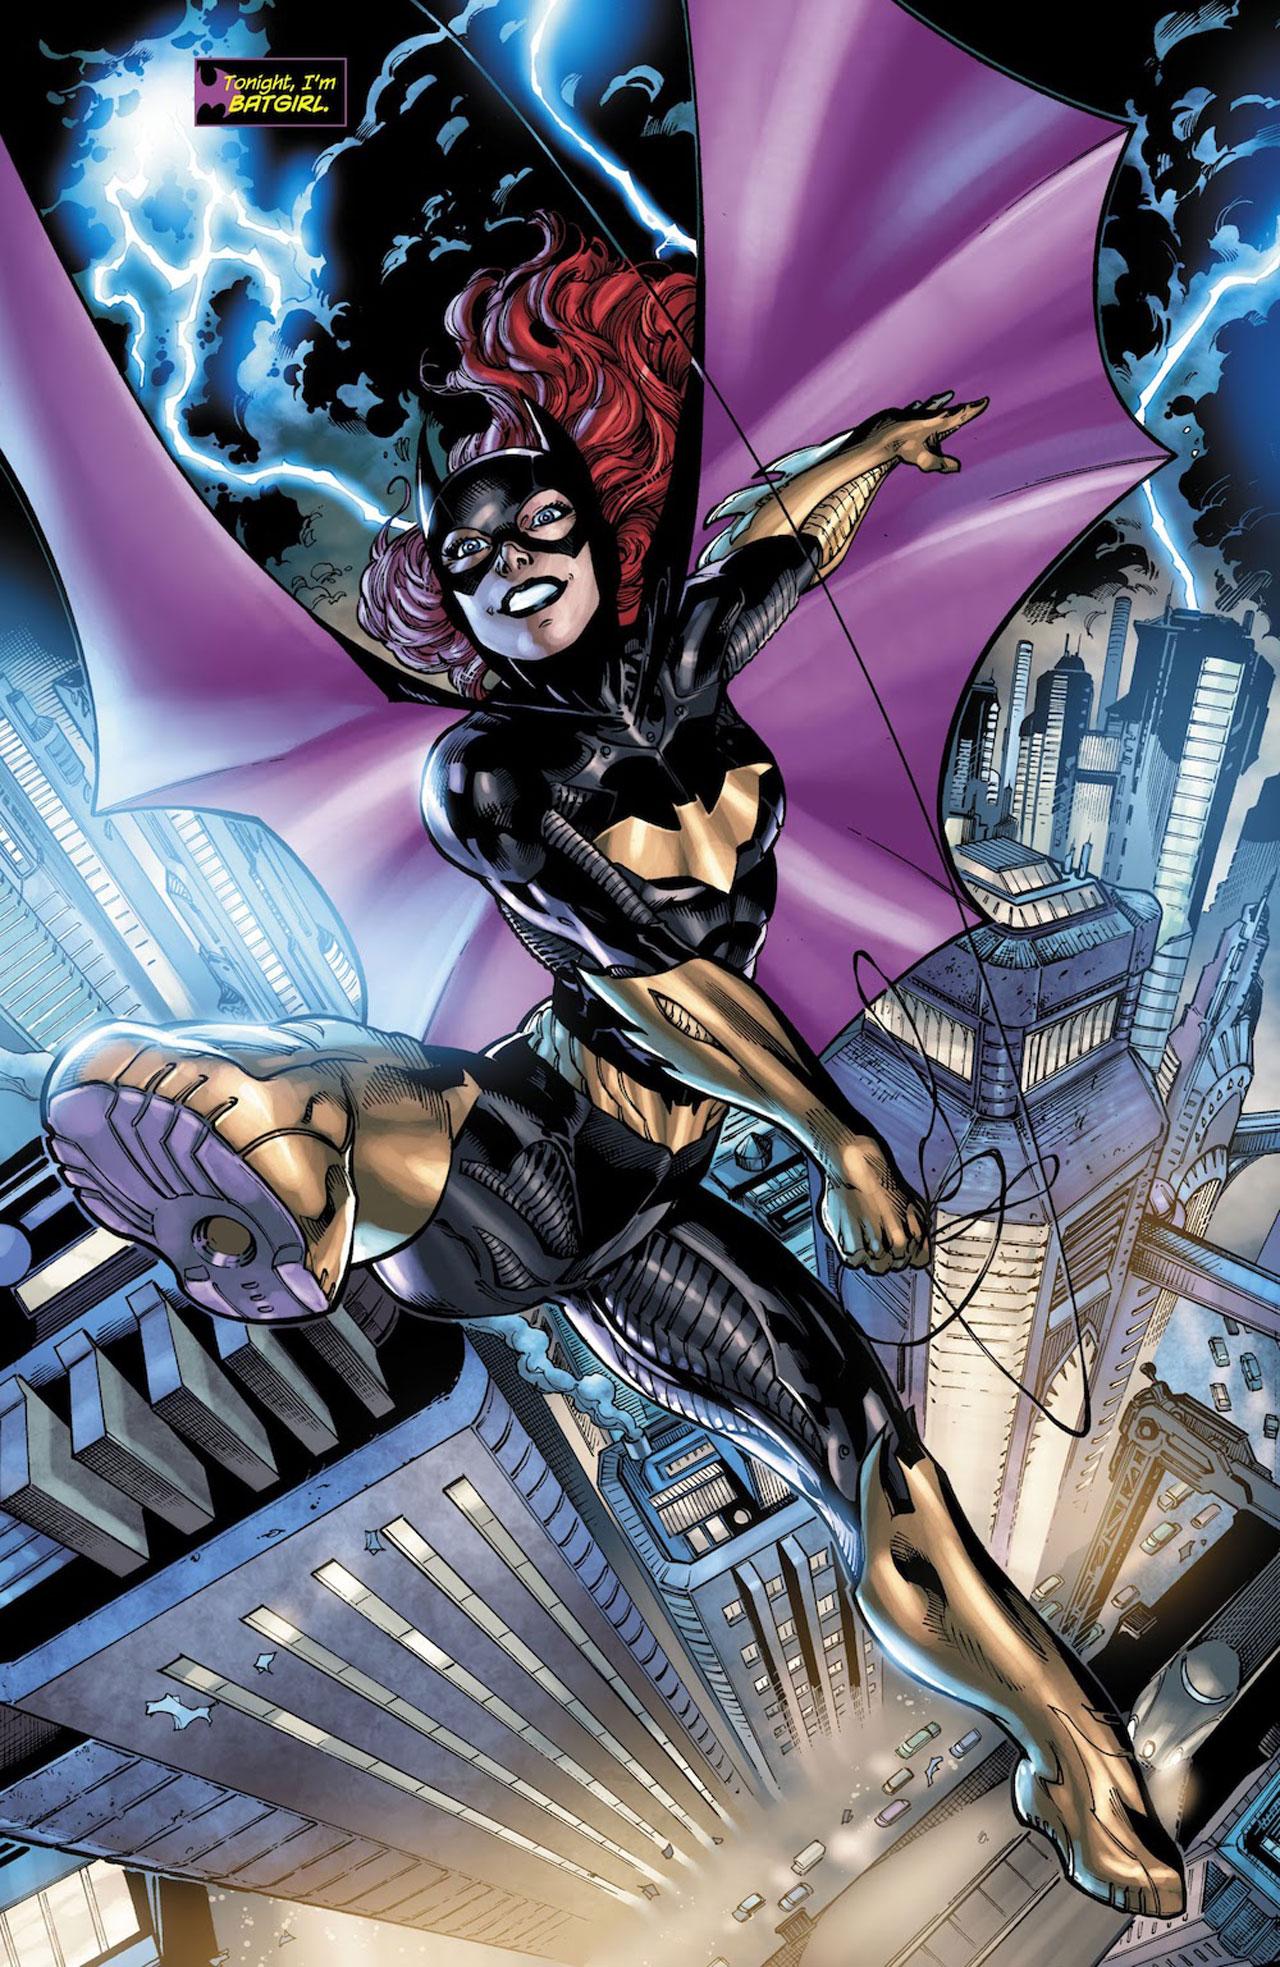 Batgirl-Why-It's-Satisfying-Read.jpg